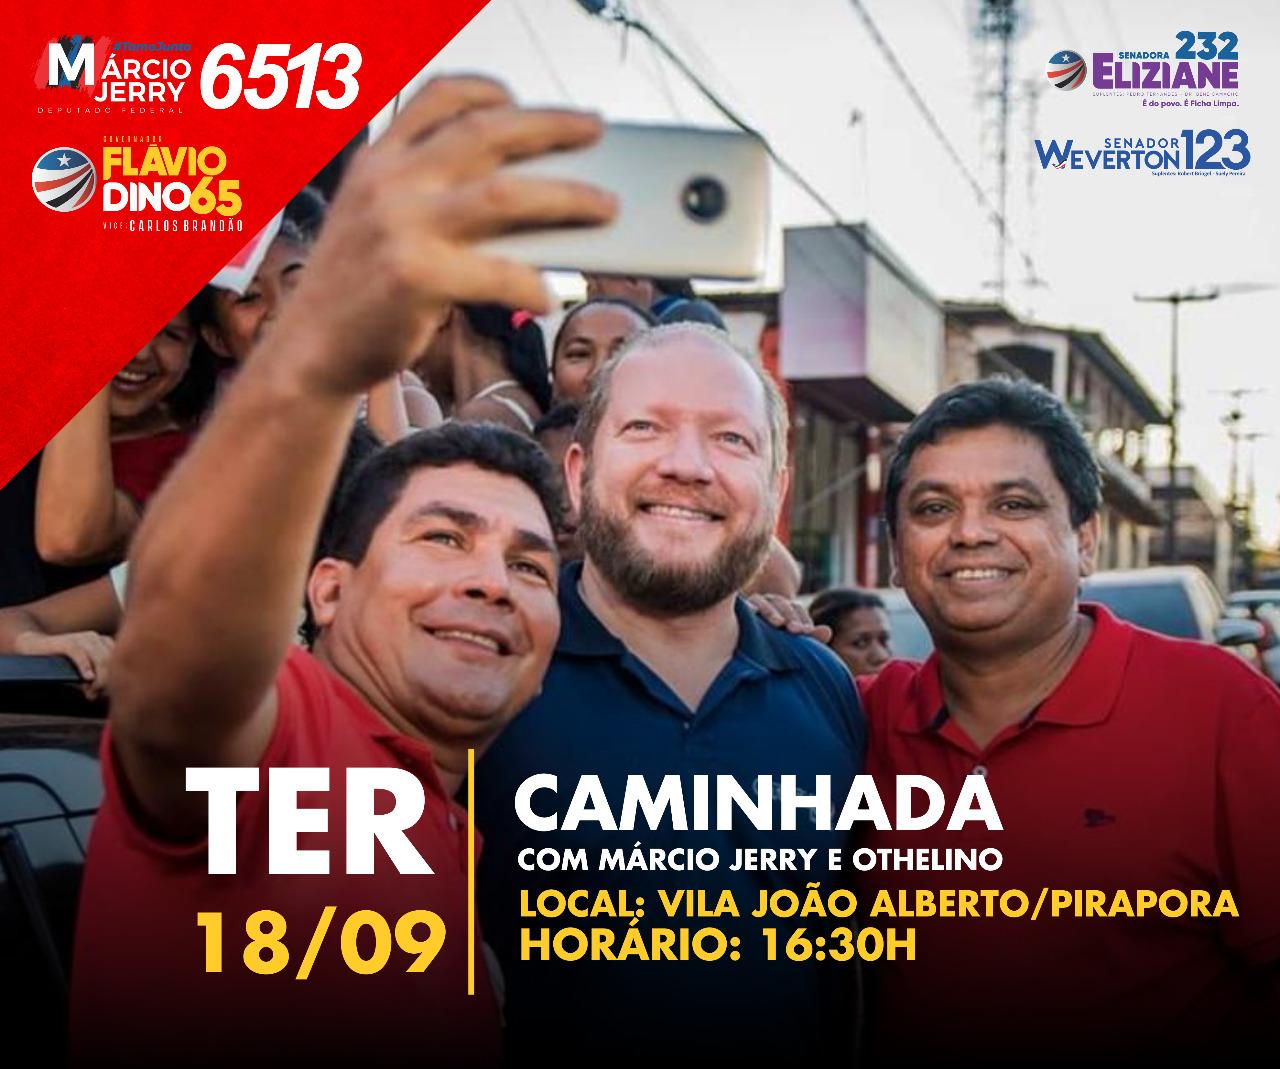 Photo of Othelino Neto e Márcio Jerry farão caminhada nesta terça-feira (18) no Pirapora